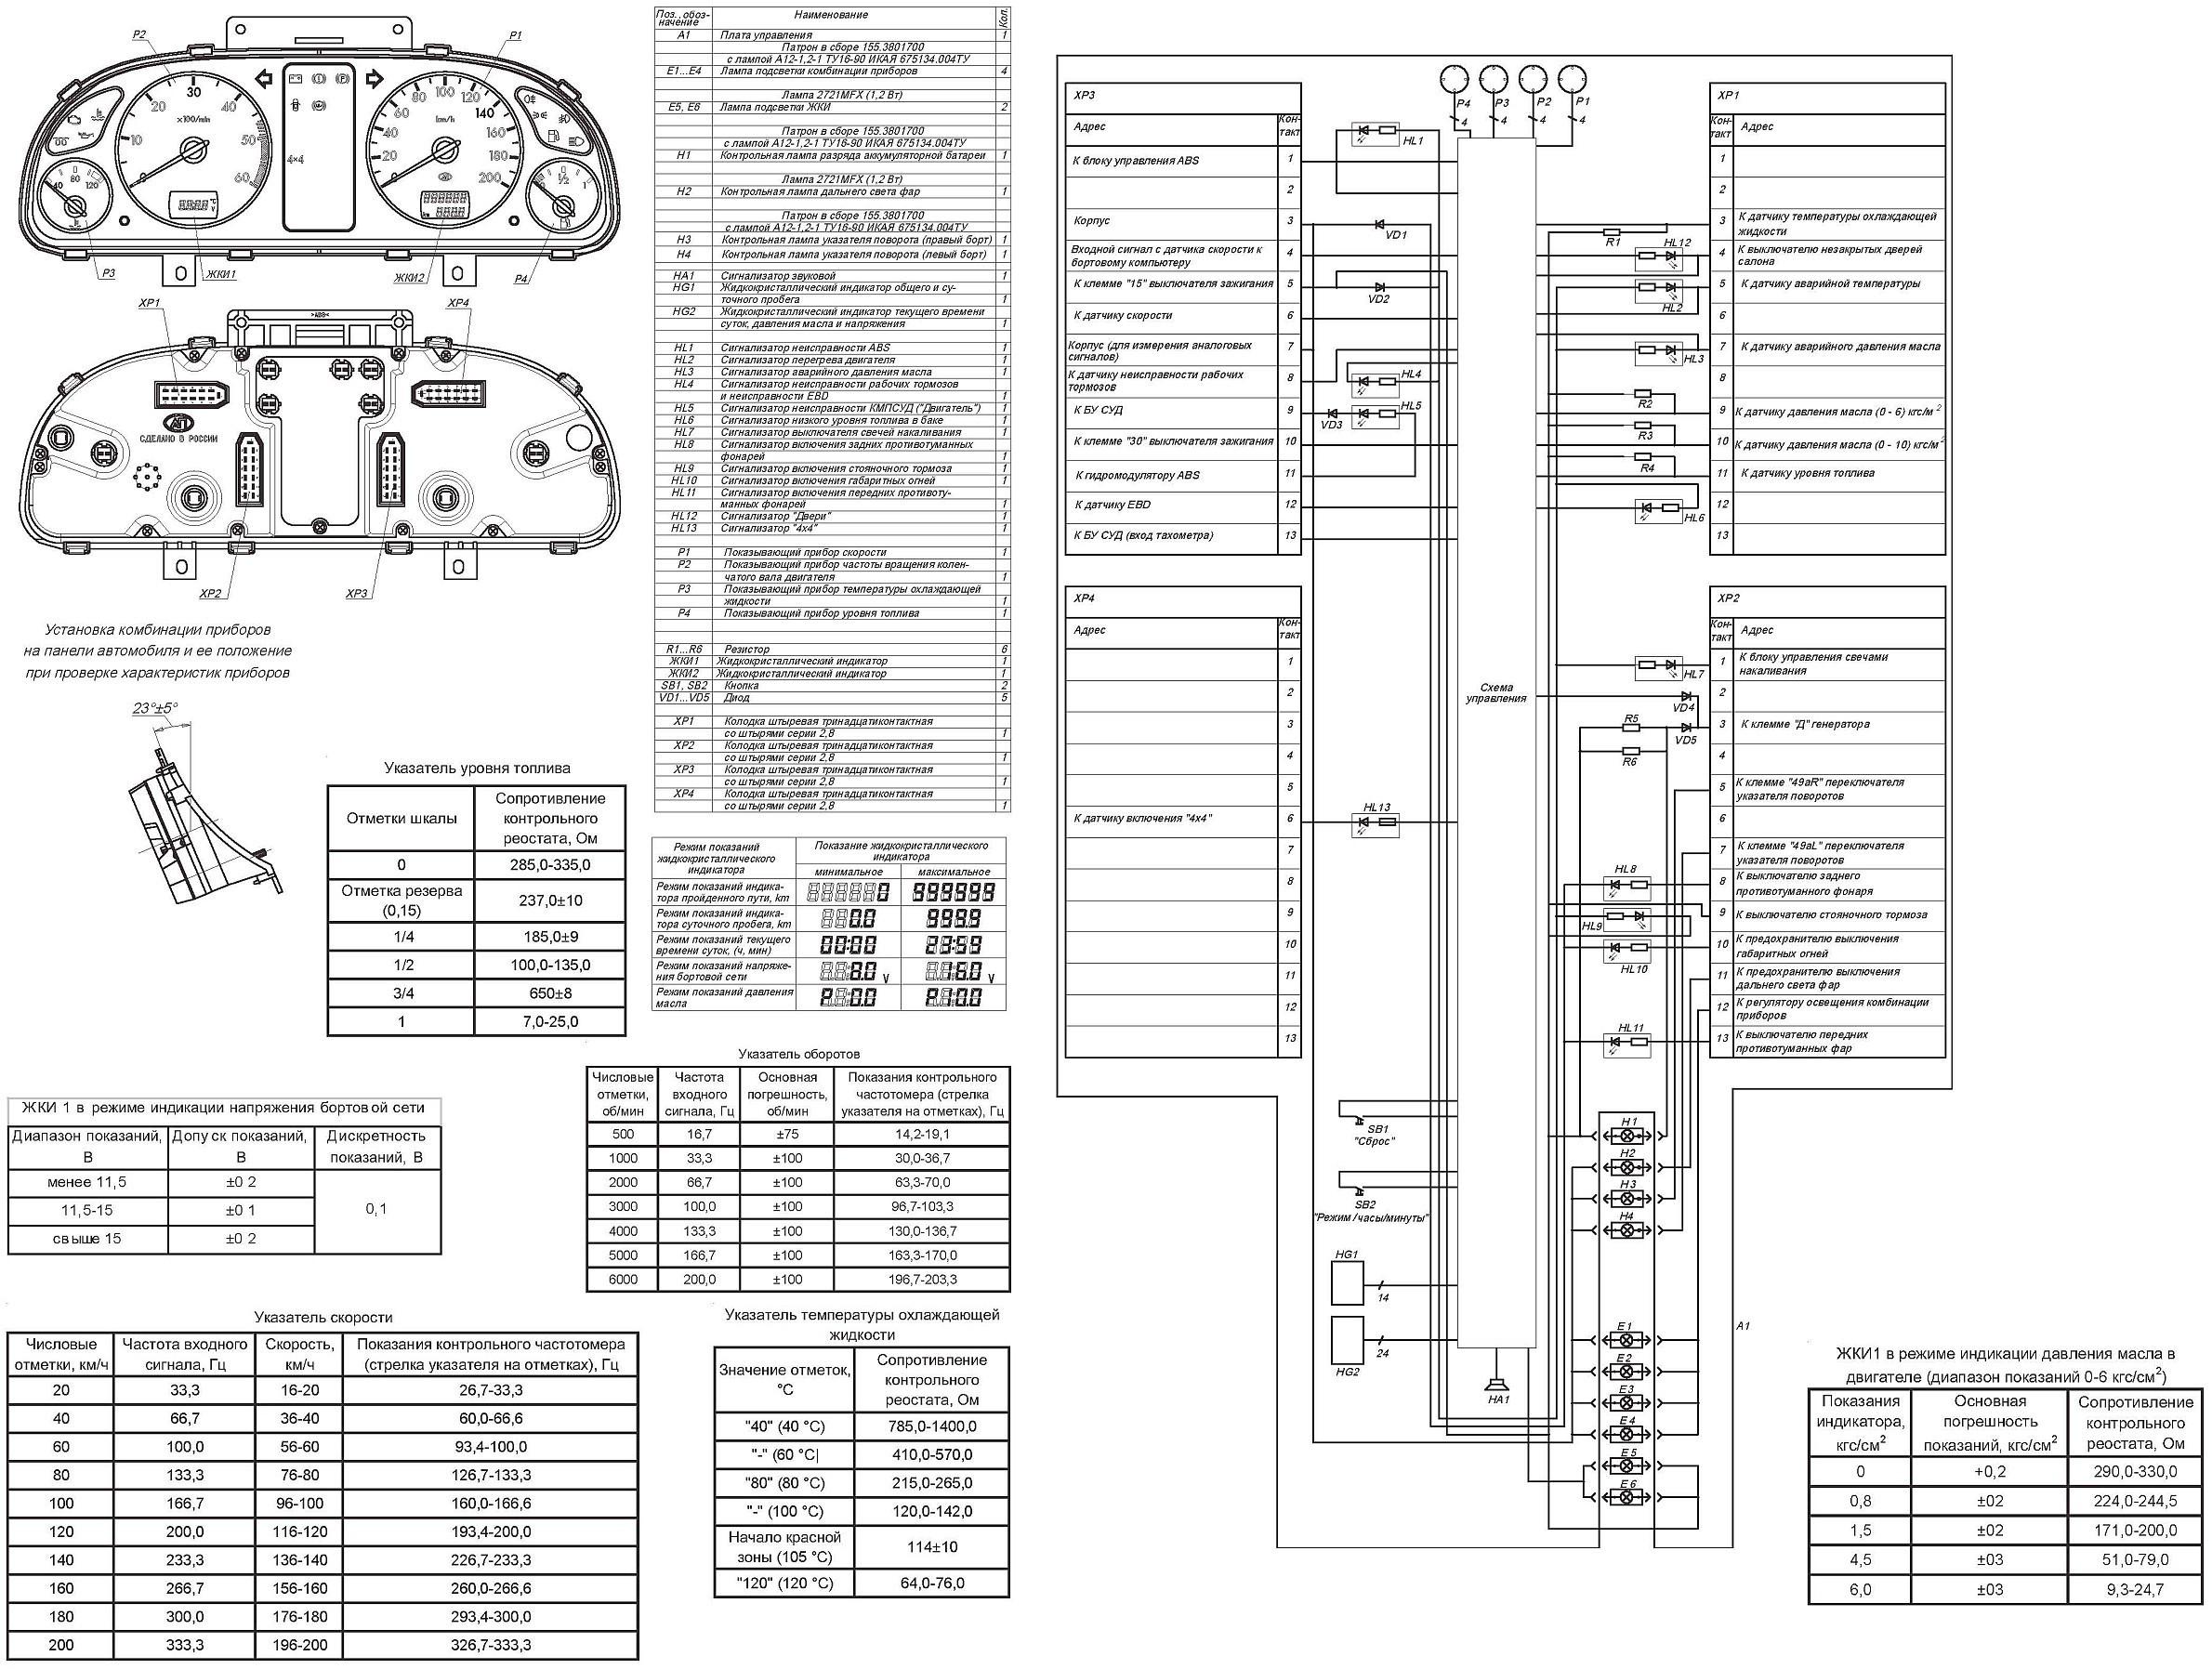 уаз 3163 схема электропроводки